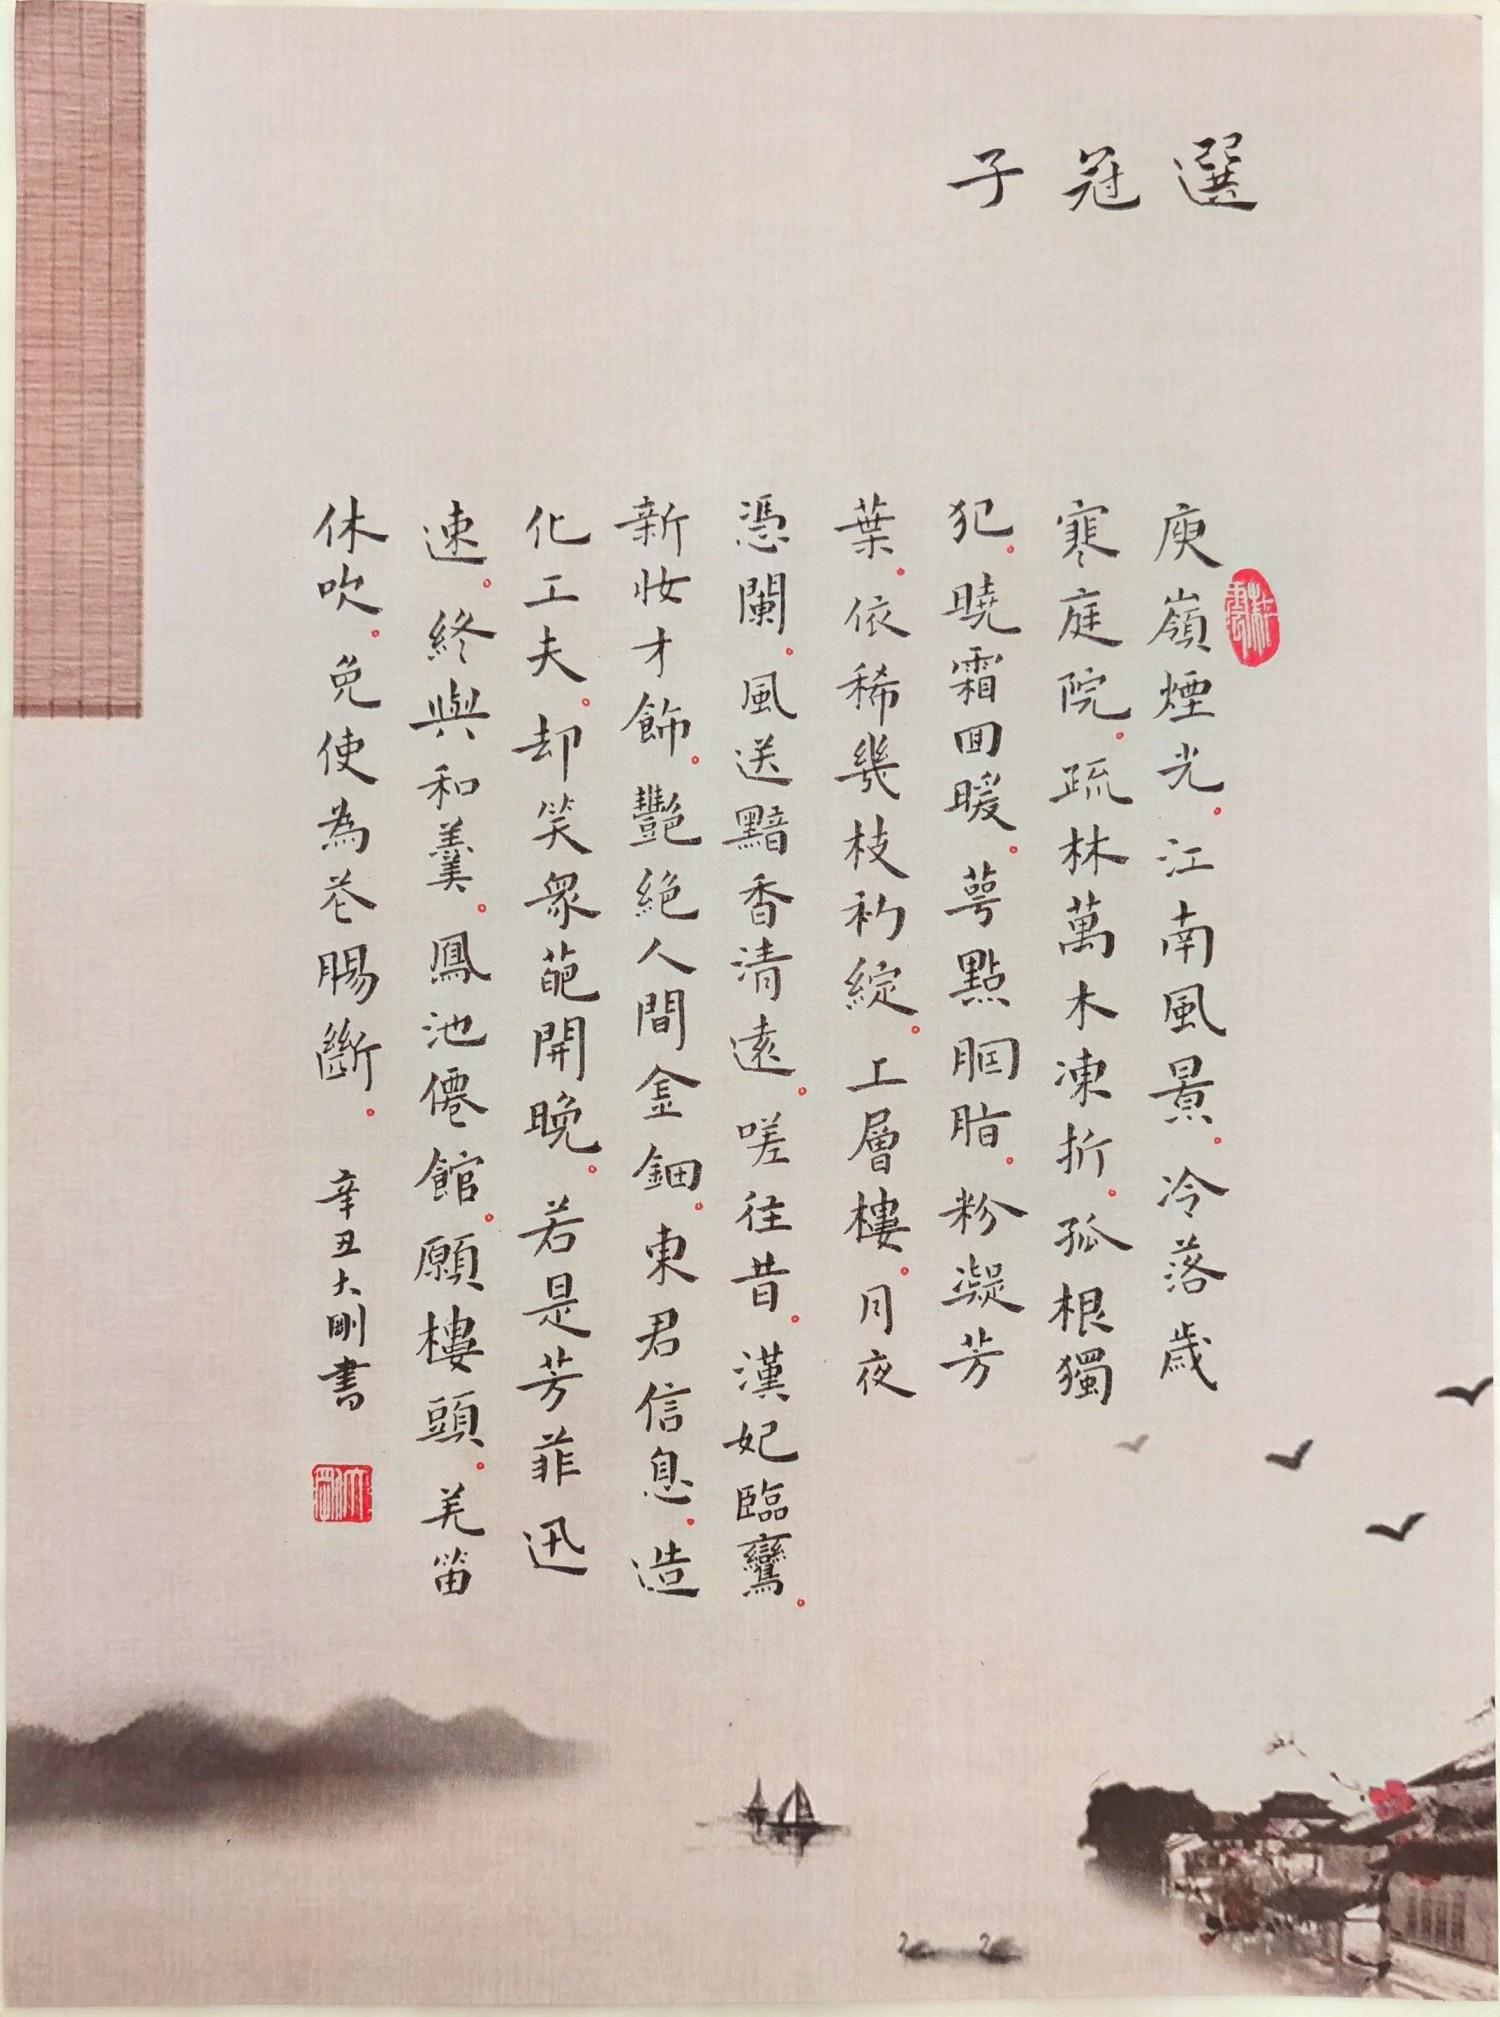 钢笔书法练字打卡20210622-13